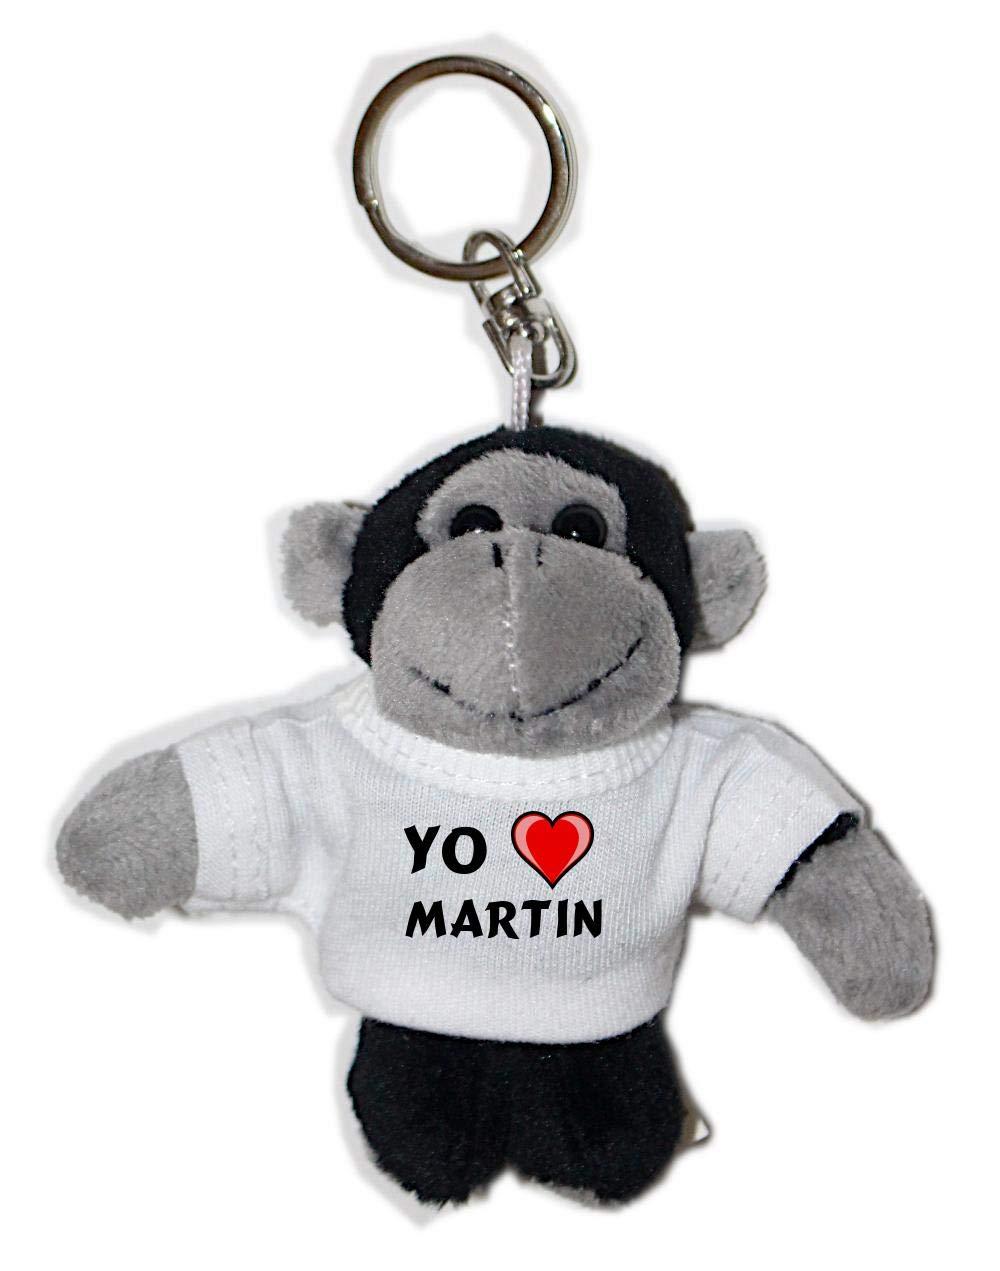 Mono de peluche (llavero) con Amo Martin en la camiseta ...